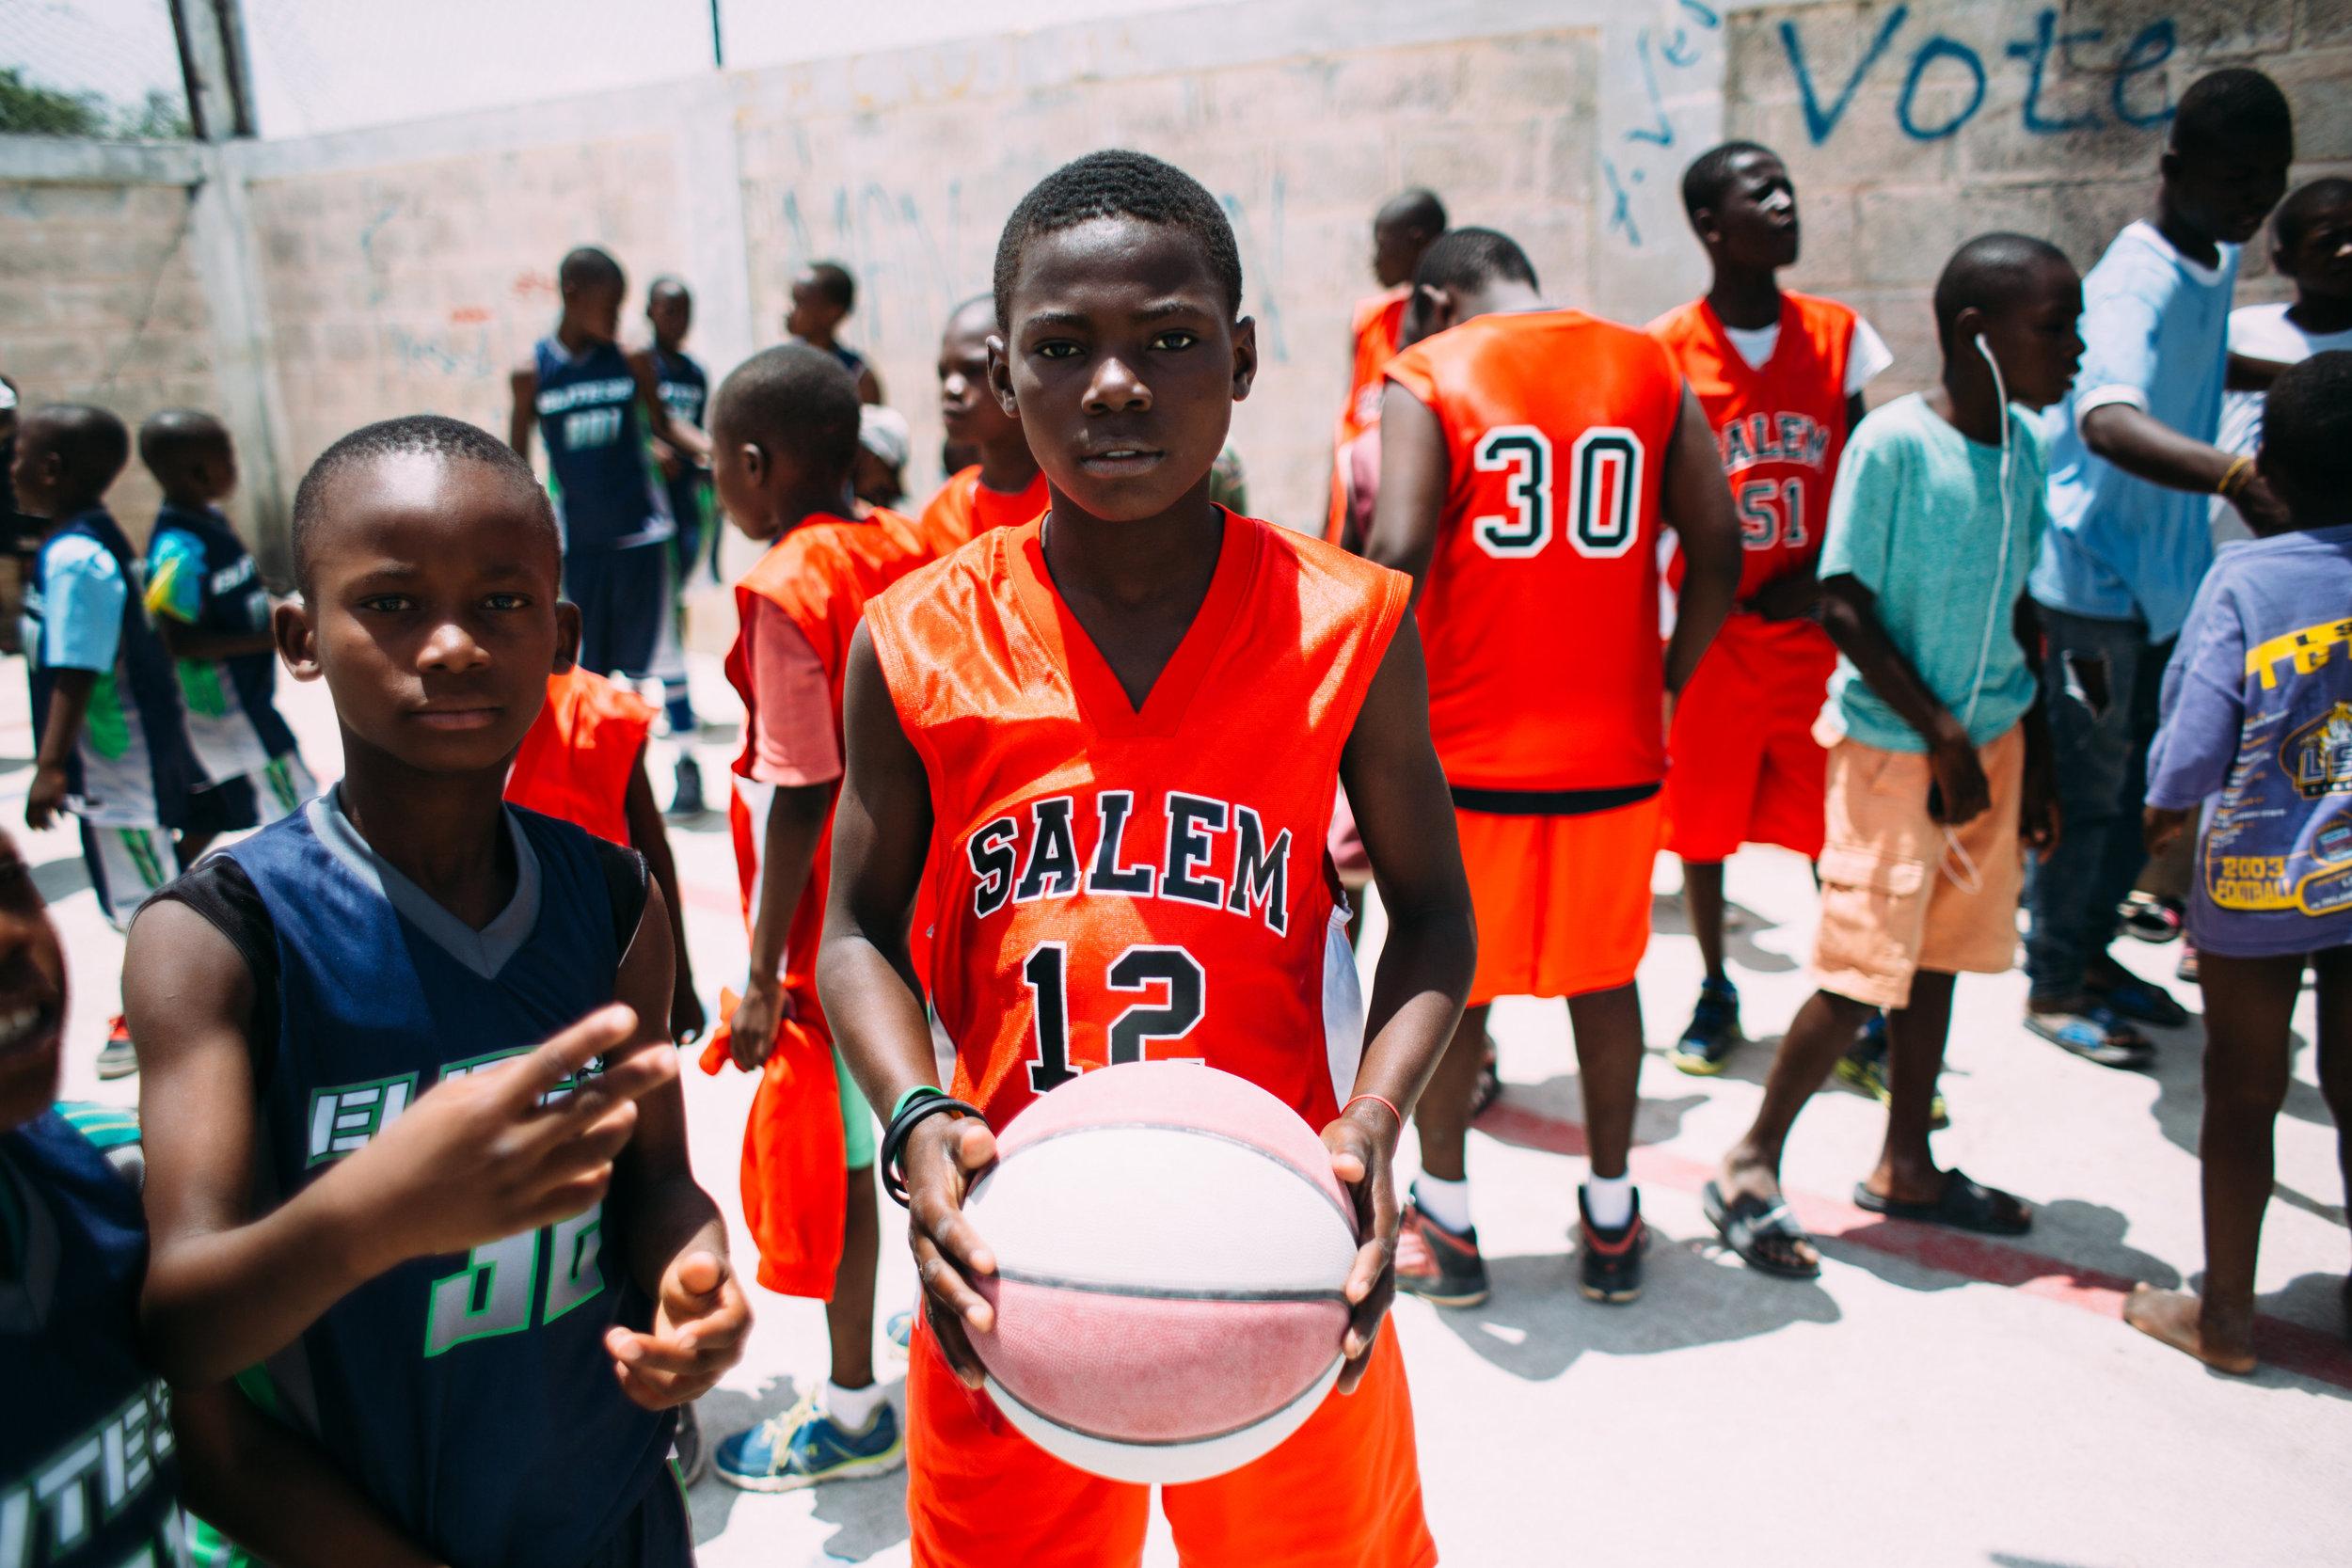 Haiti 2016-Cite Soliel 1-0352.jpg